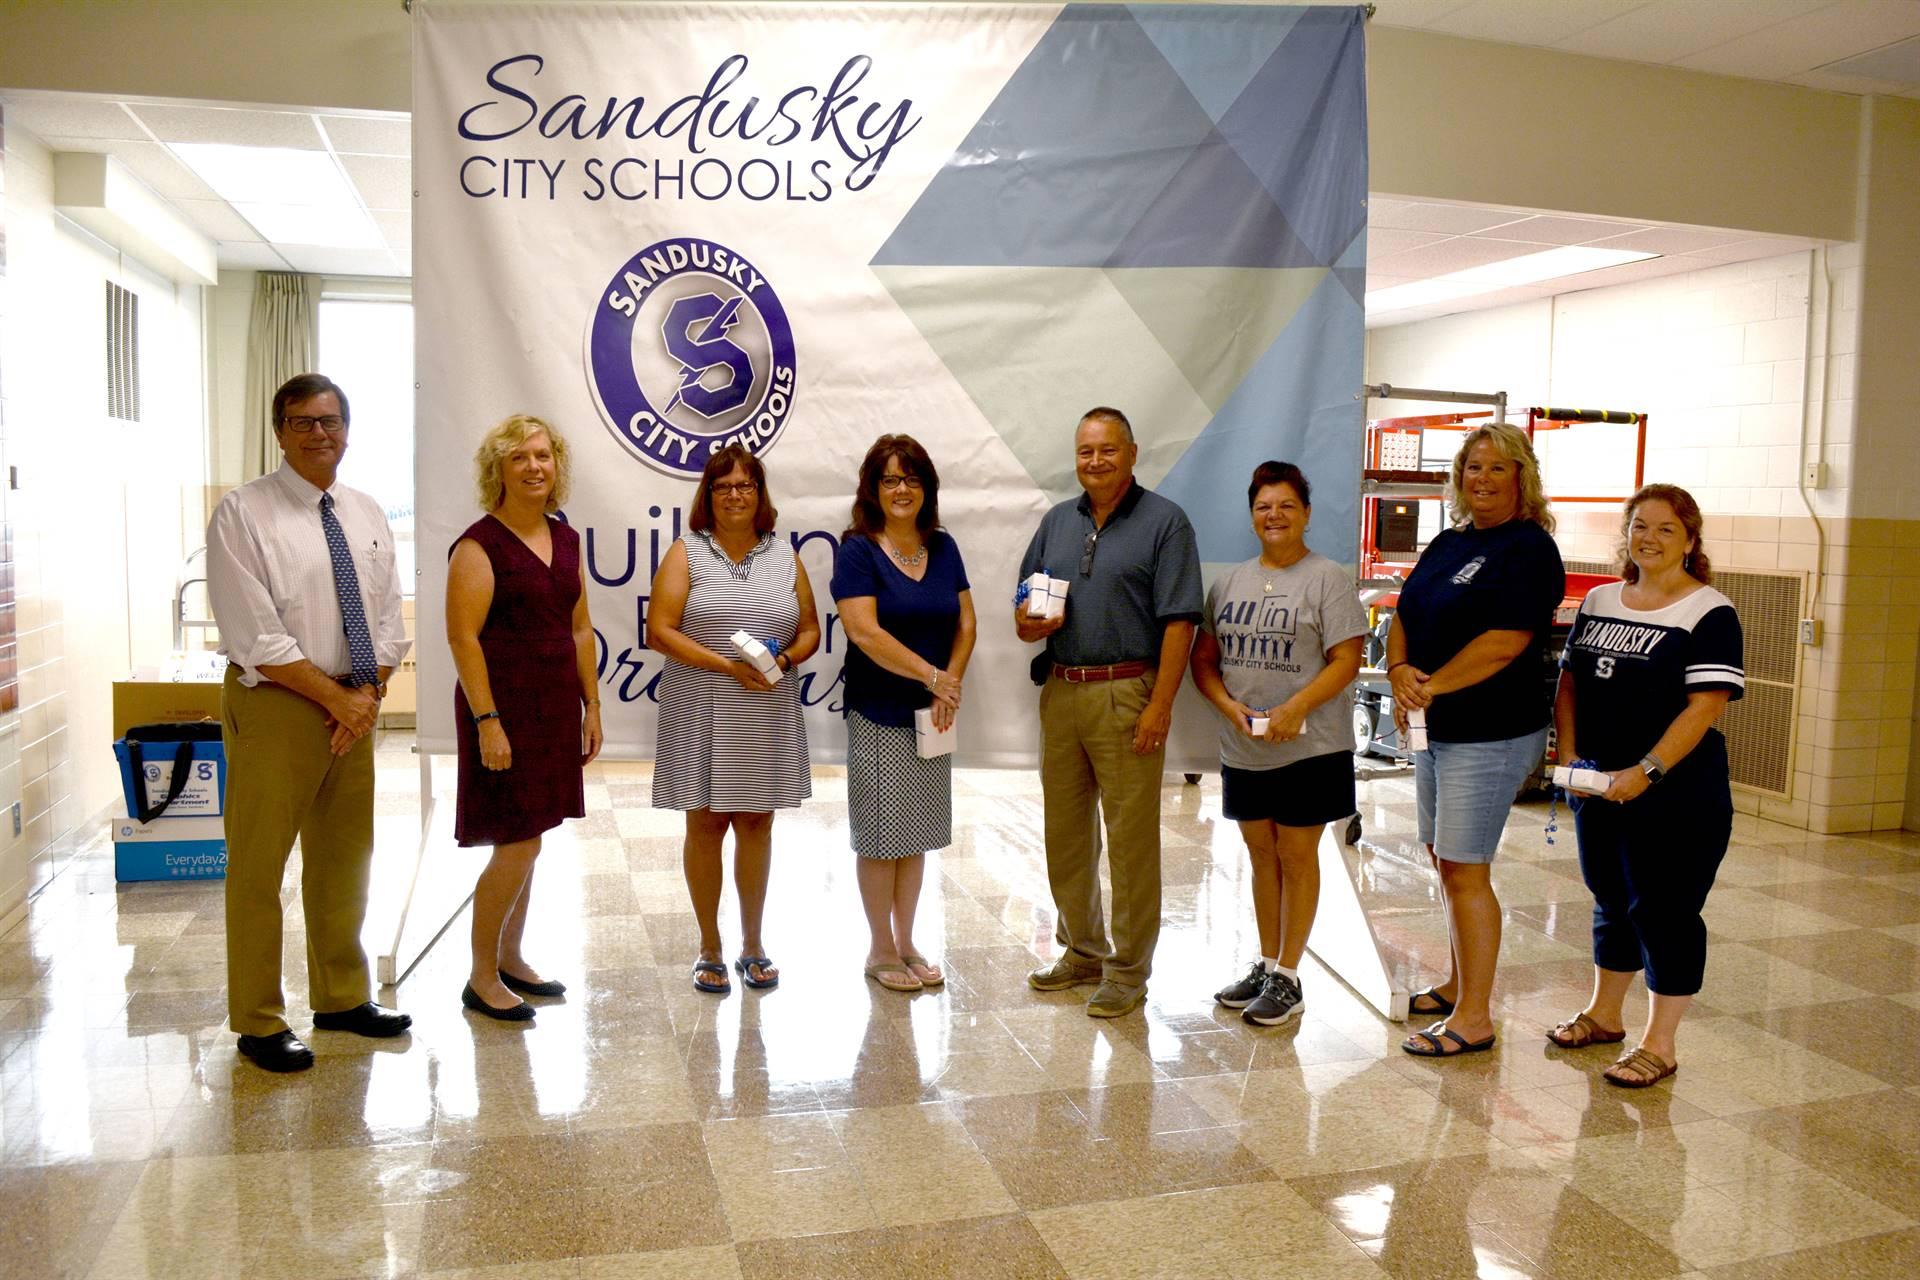 Staff 25 Year Work Anniversaries